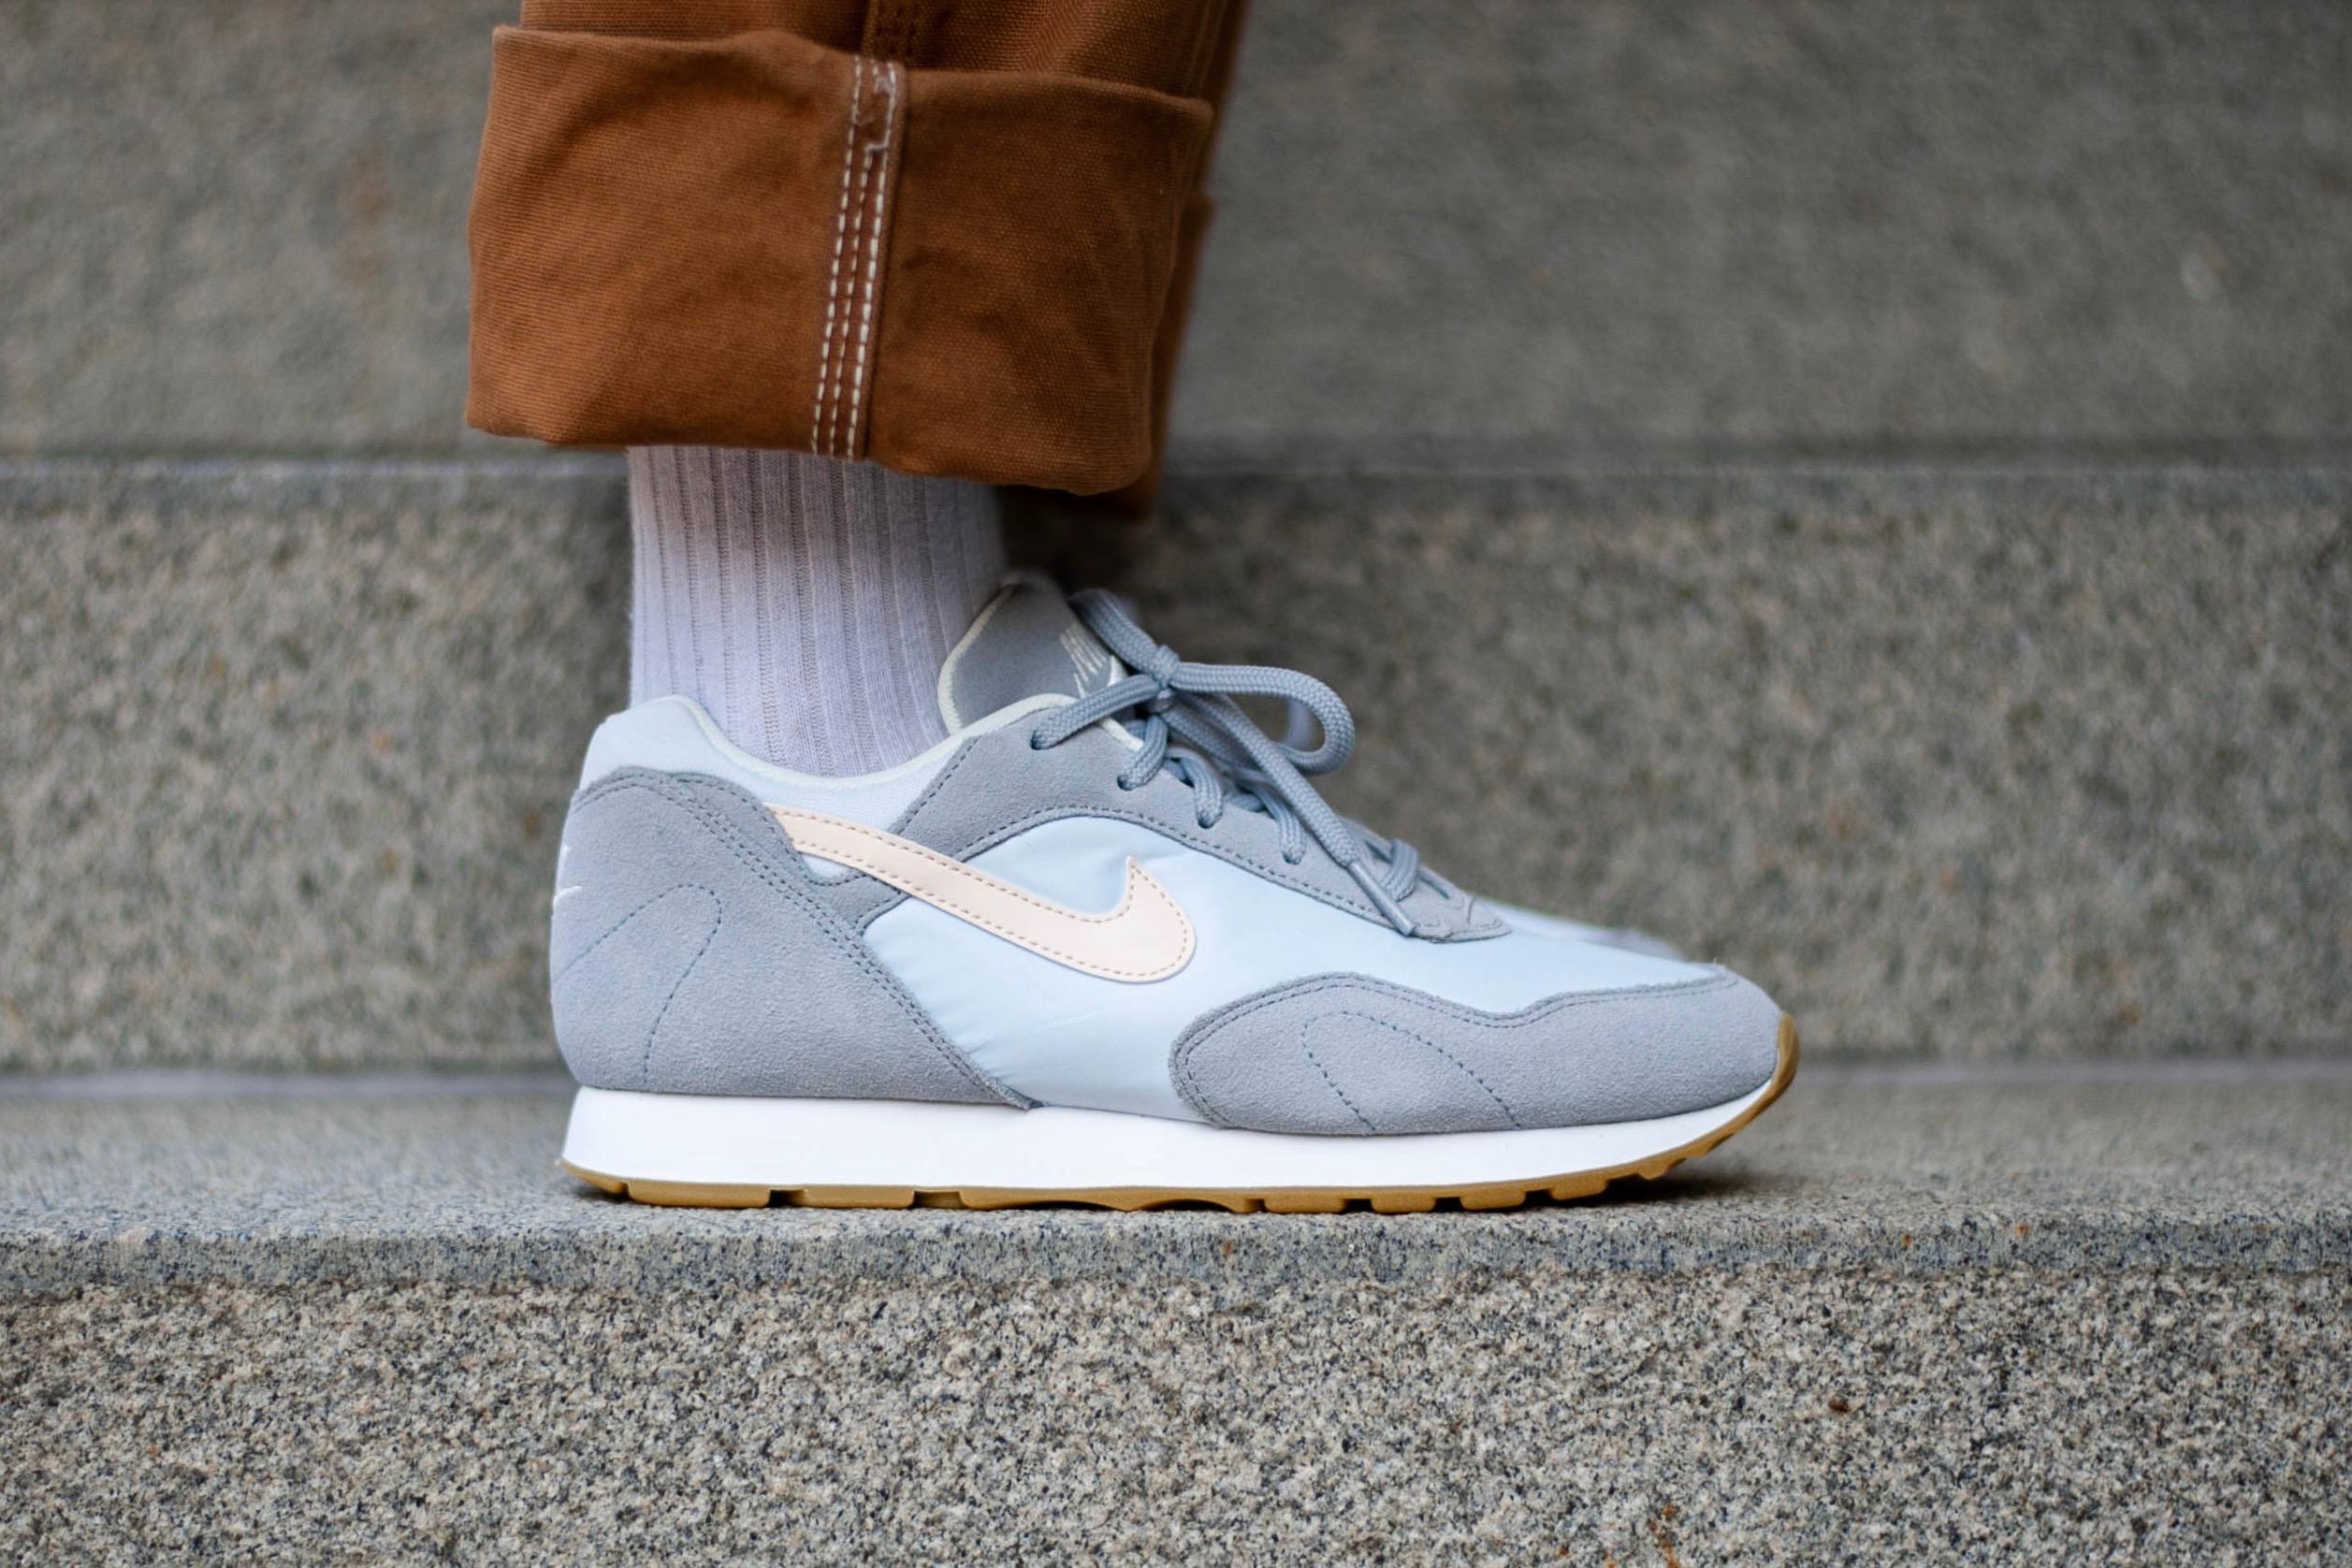 fe3197635b6ee Nike W Outburst – Wolf Grey / Football Grey / Summit White / Guava ...